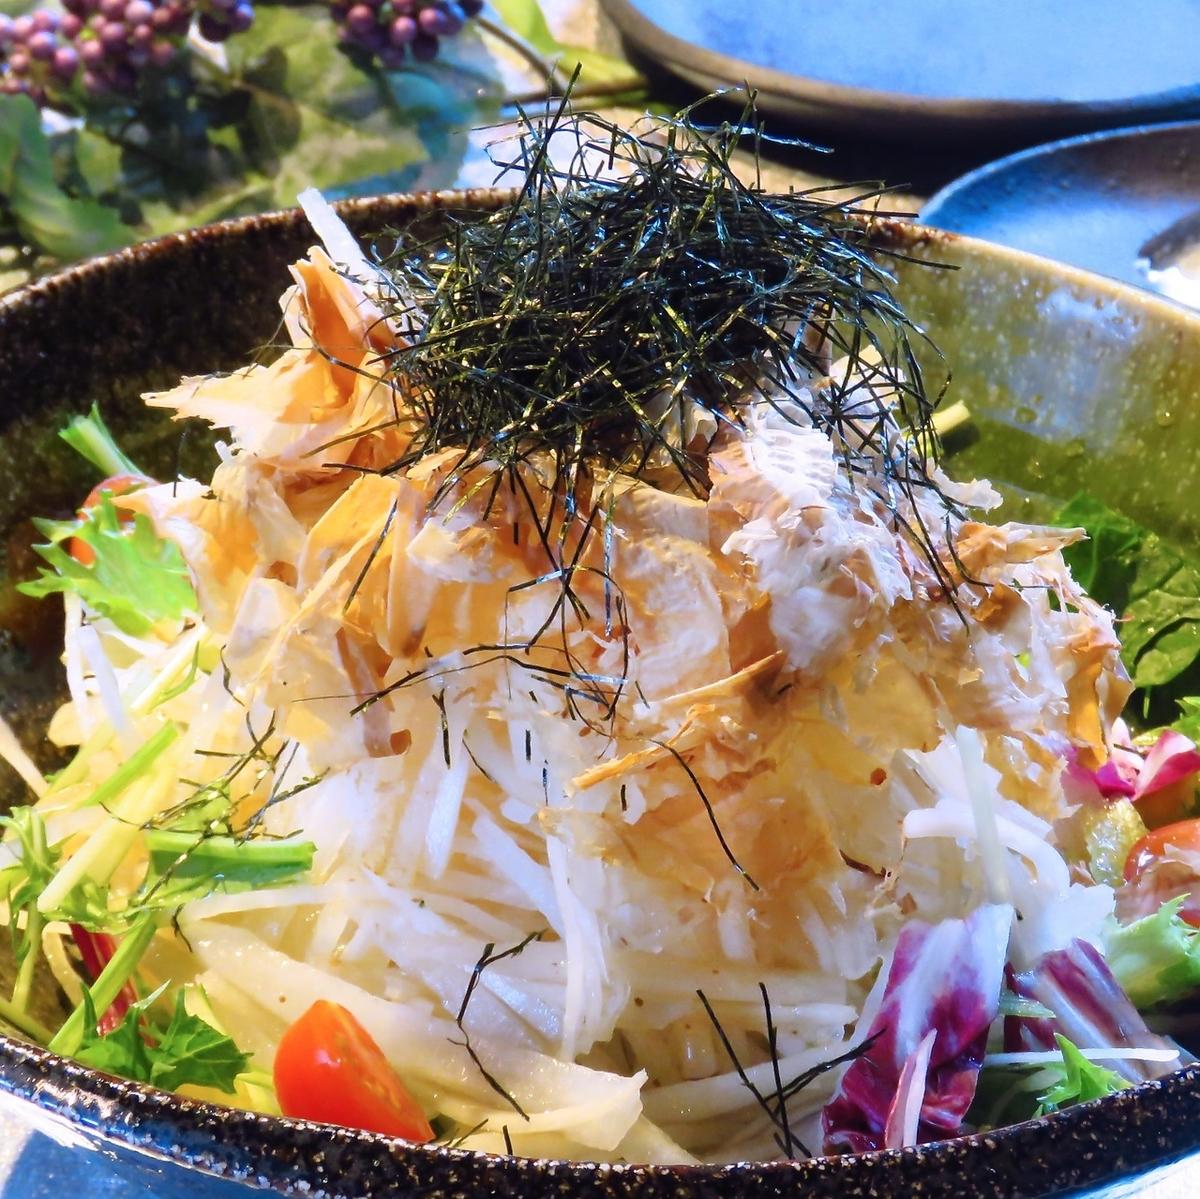 Daikon radish salad Yuzu pepper dressing